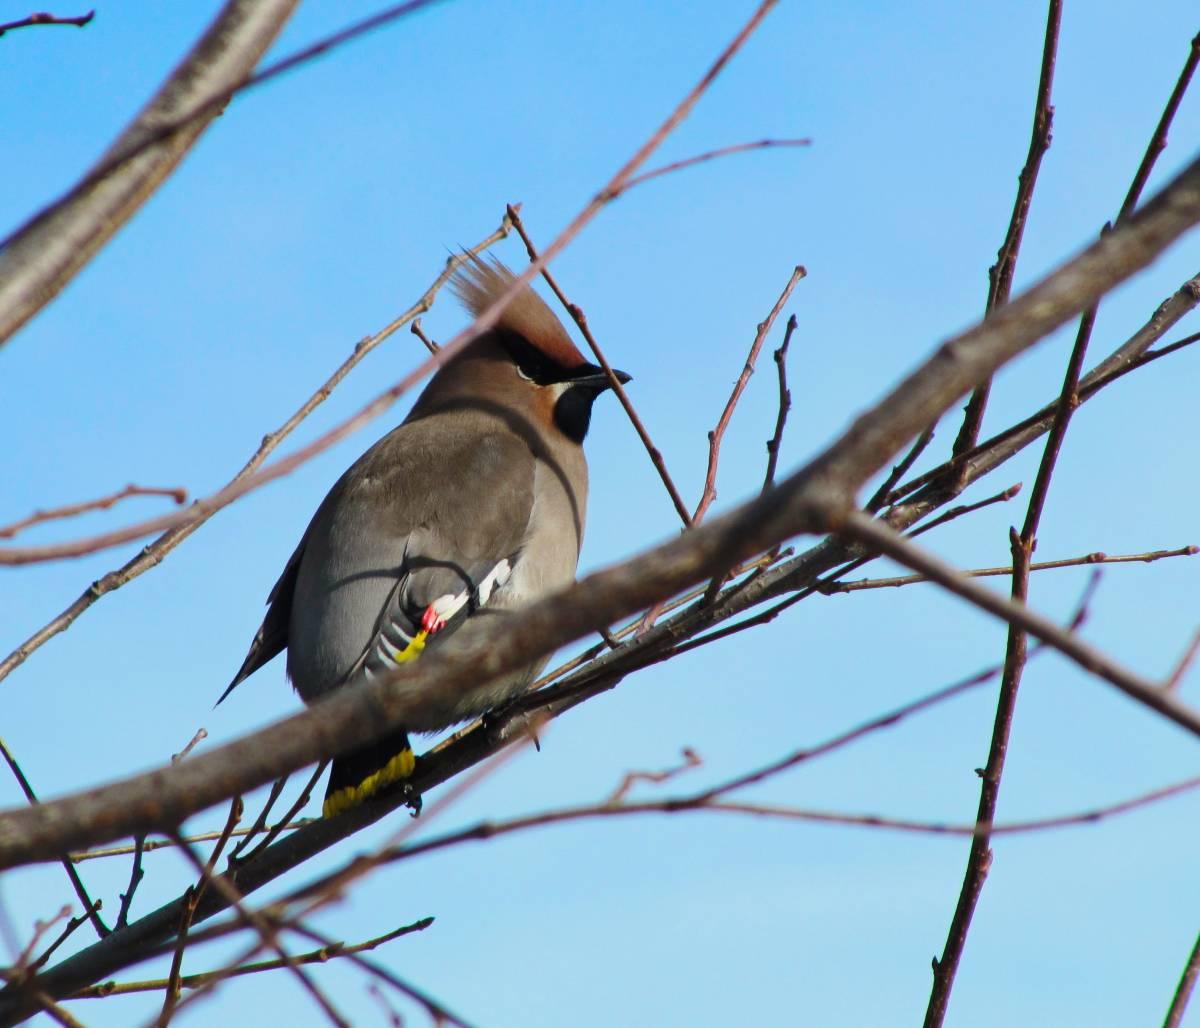 птица свиристель фото и описание образцы нестандартной